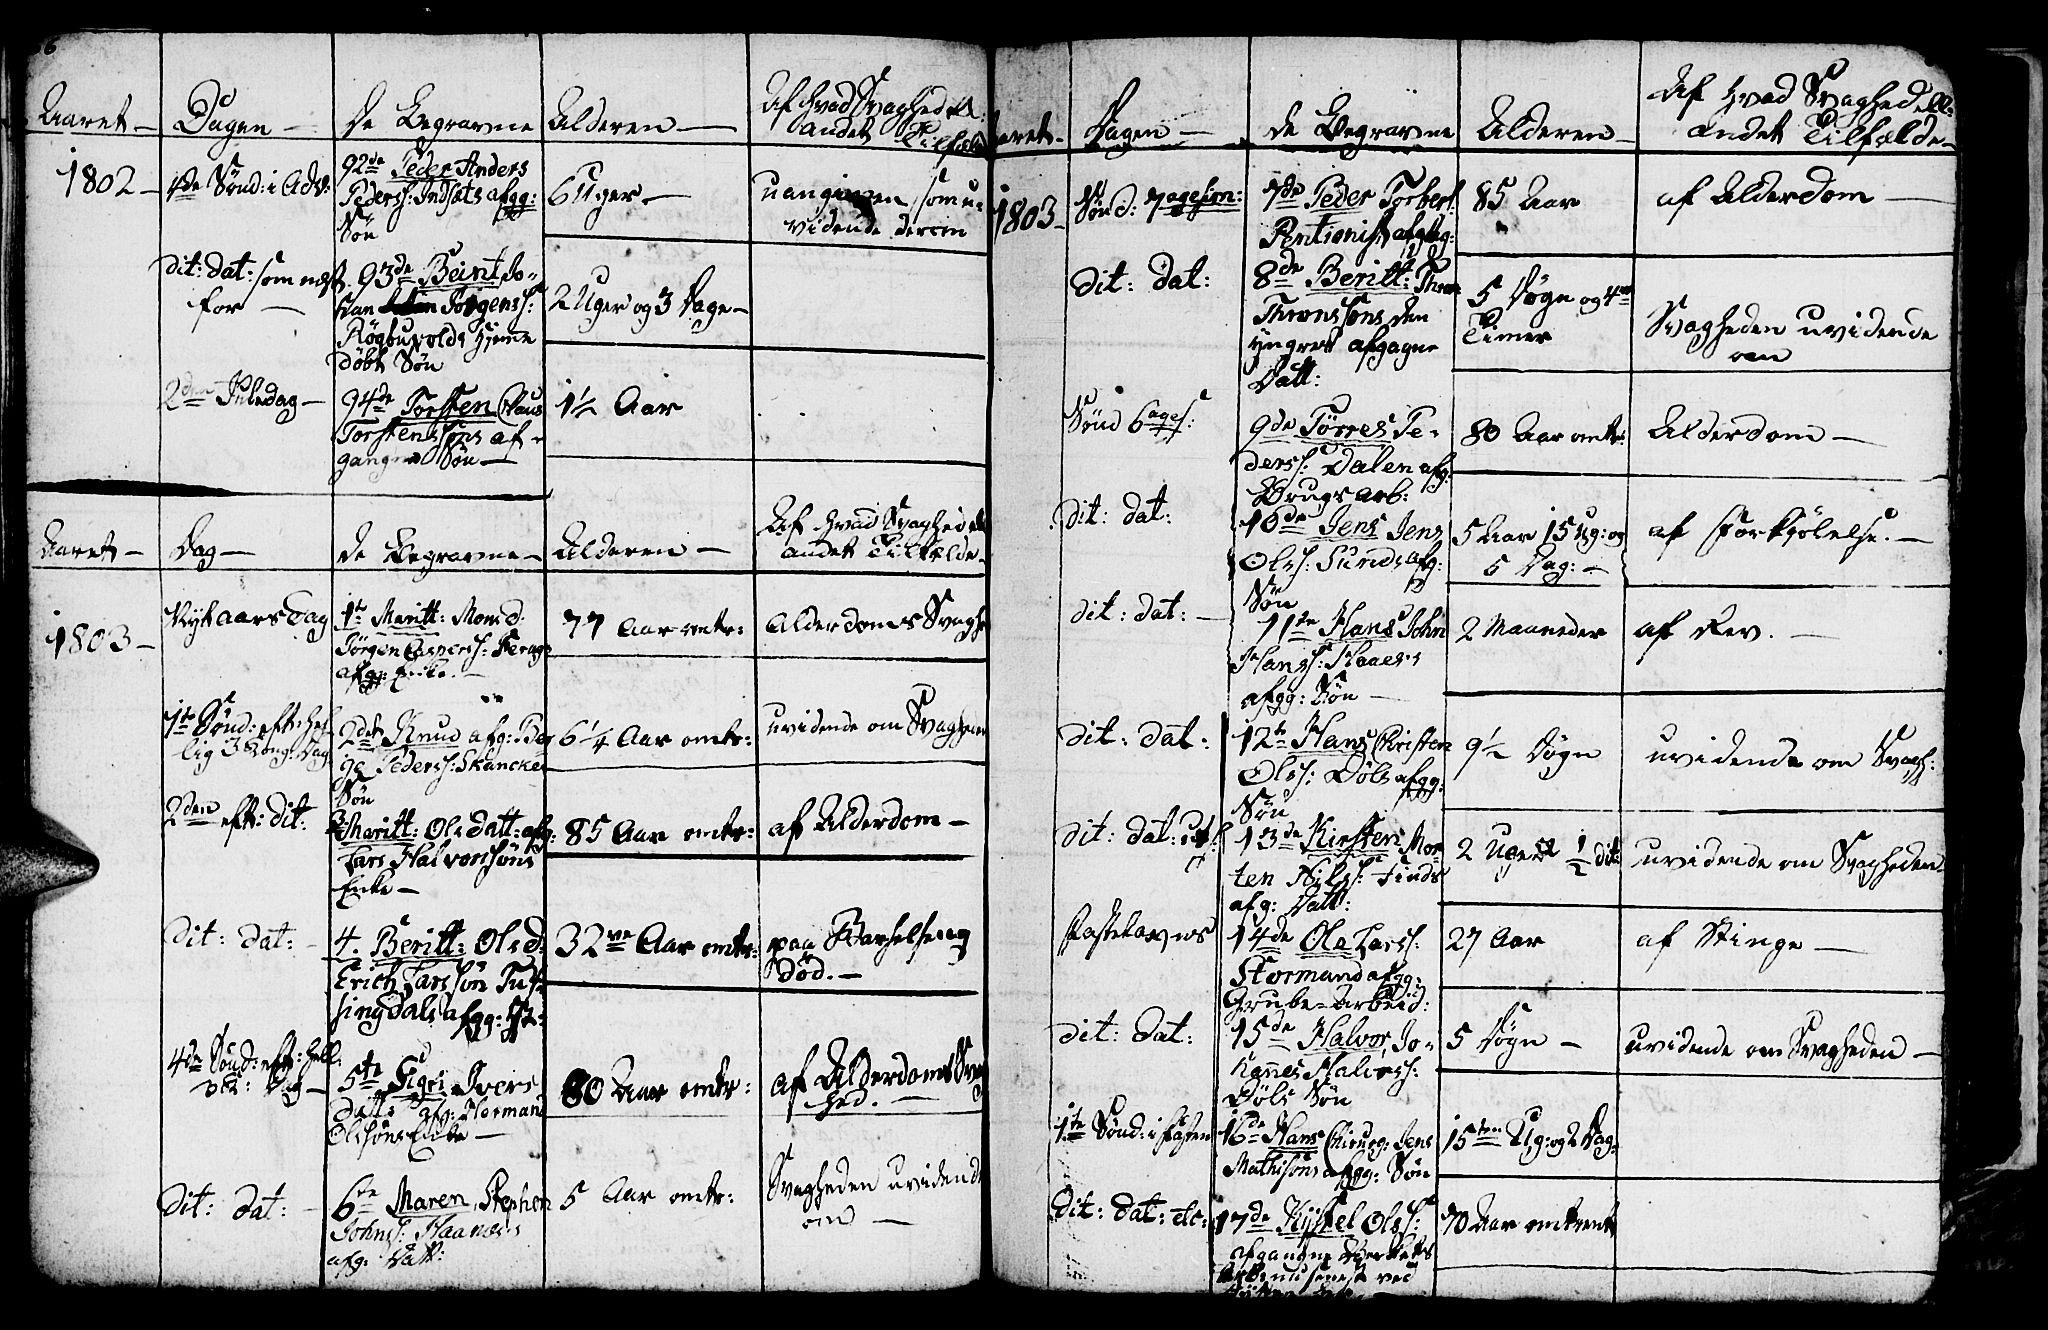 SAT, Ministerialprotokoller, klokkerbøker og fødselsregistre - Sør-Trøndelag, 681/L0937: Klokkerbok nr. 681C01, 1798-1810, s. 66-67